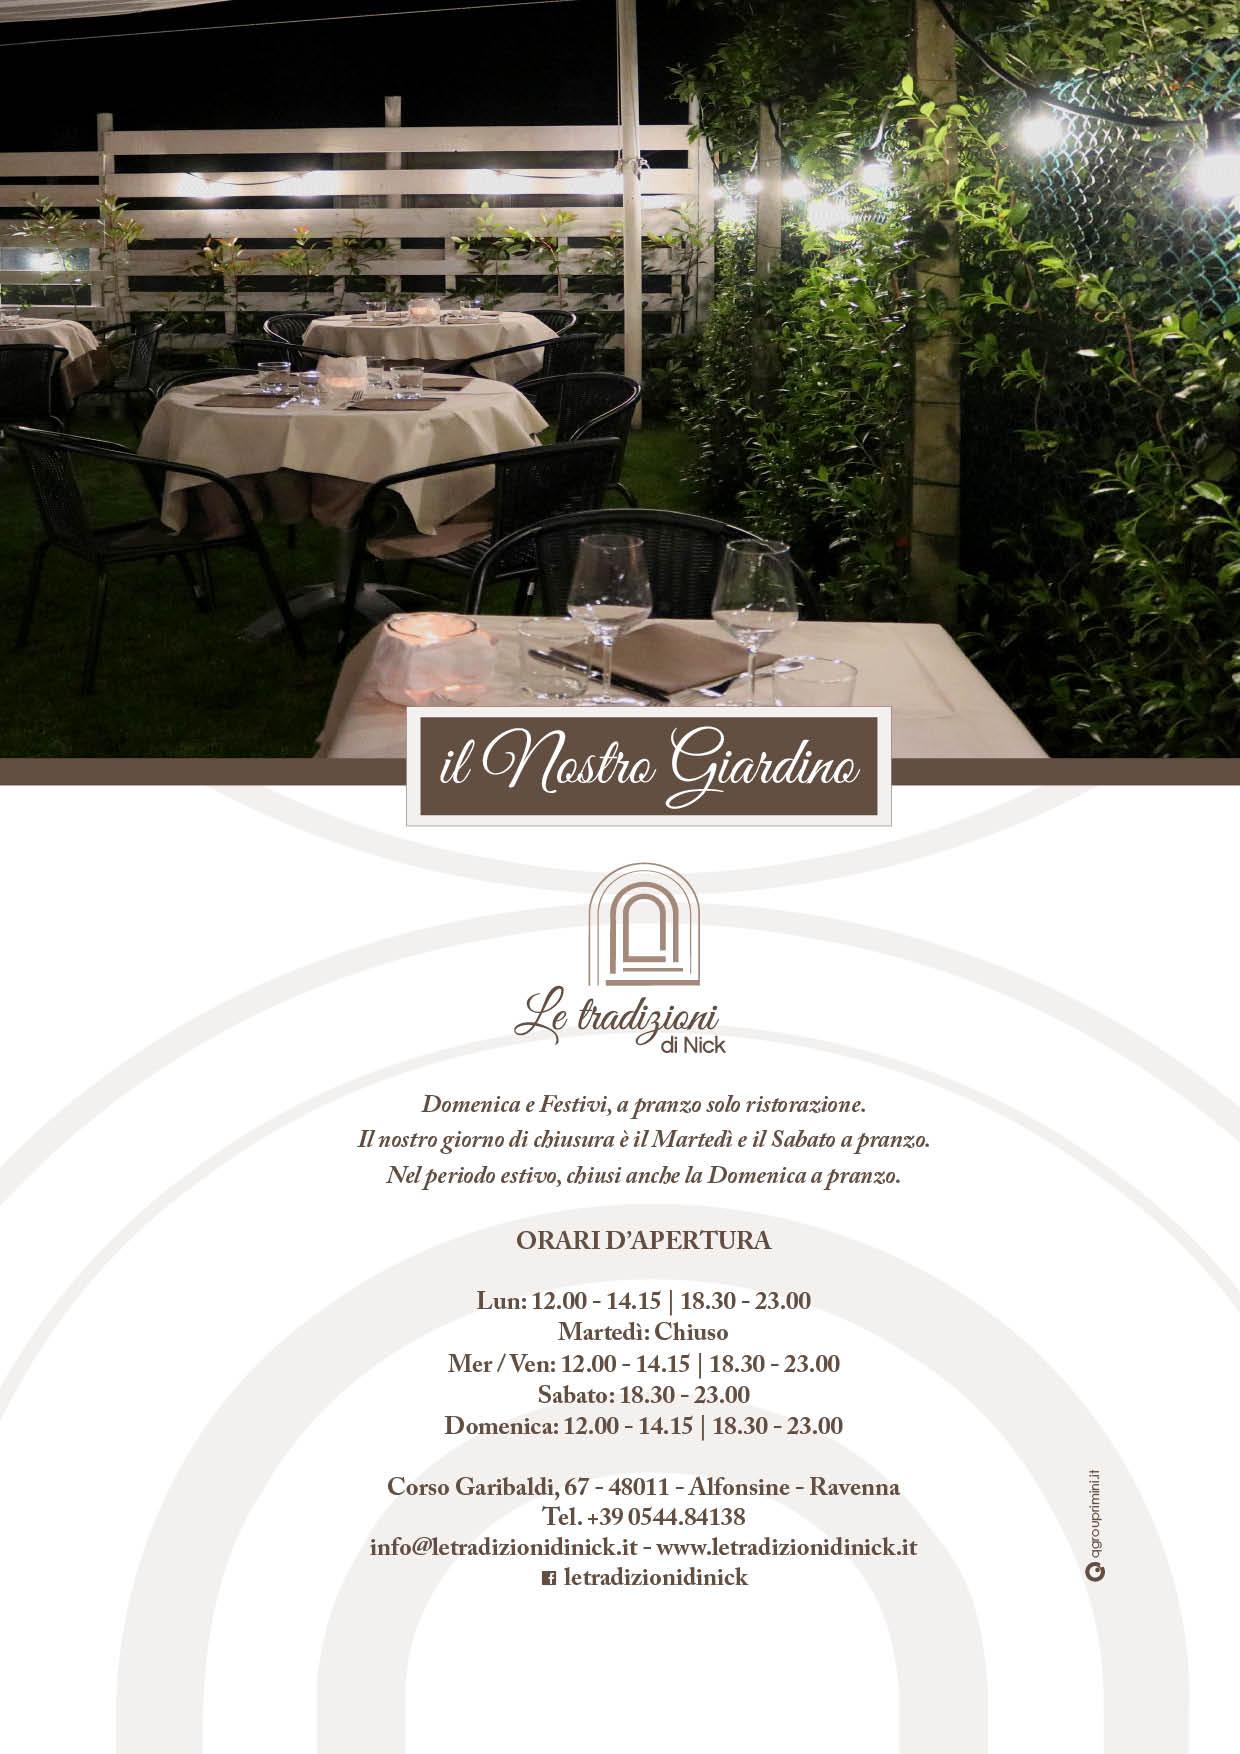 letradizioni-nick-menu-2017-low20